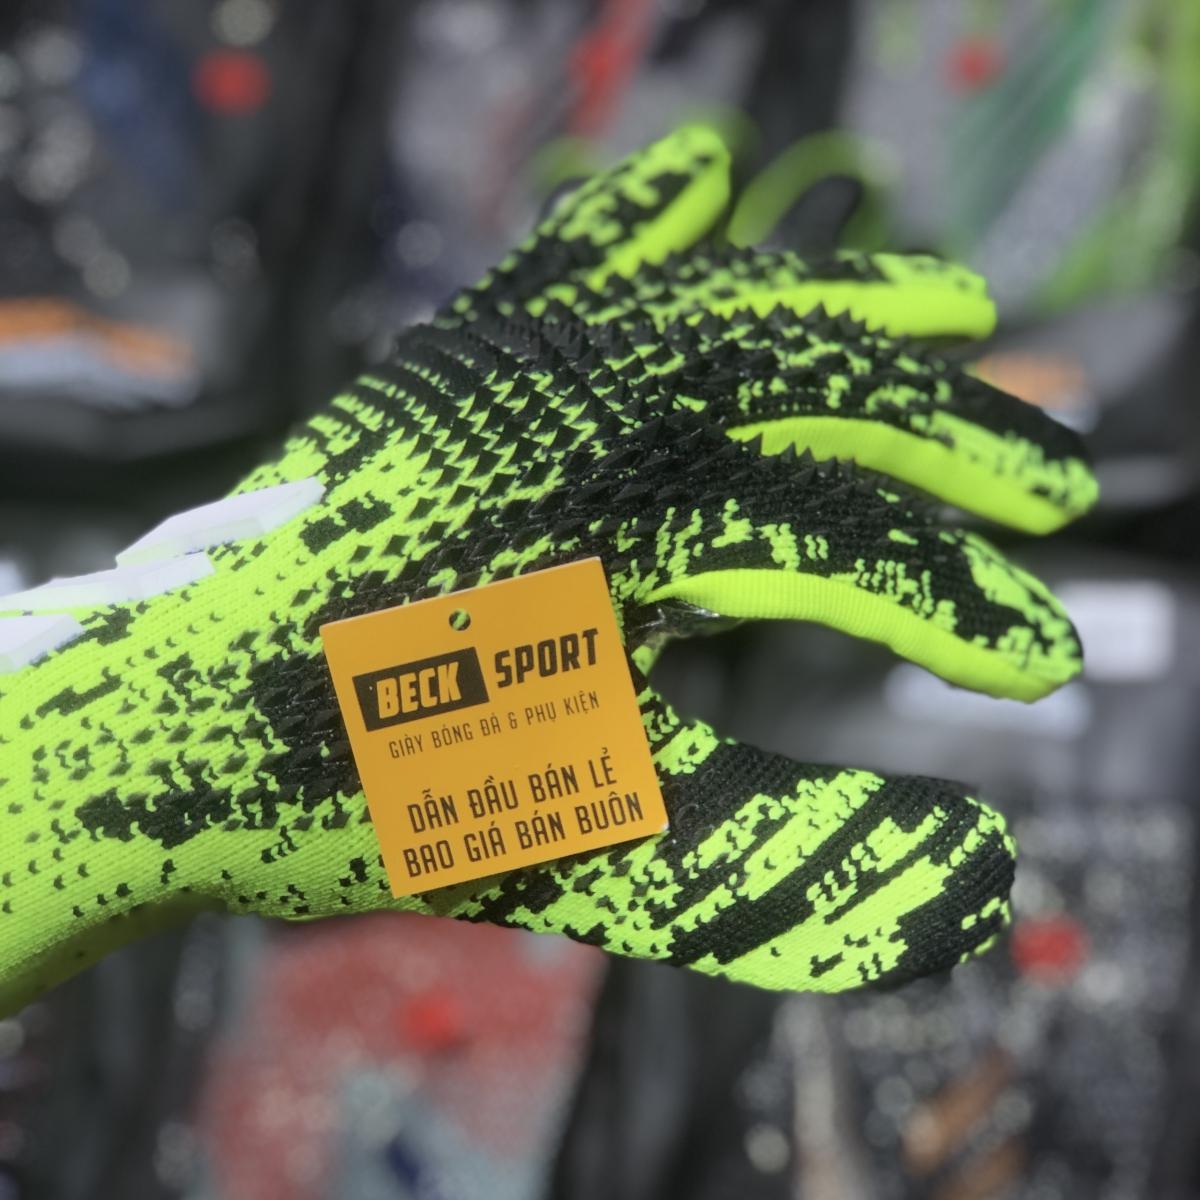 Găng Tay Adidas Predator 20 Pro PC Xanh Lá Đen Vạch Trắng HQ (Không Xương )